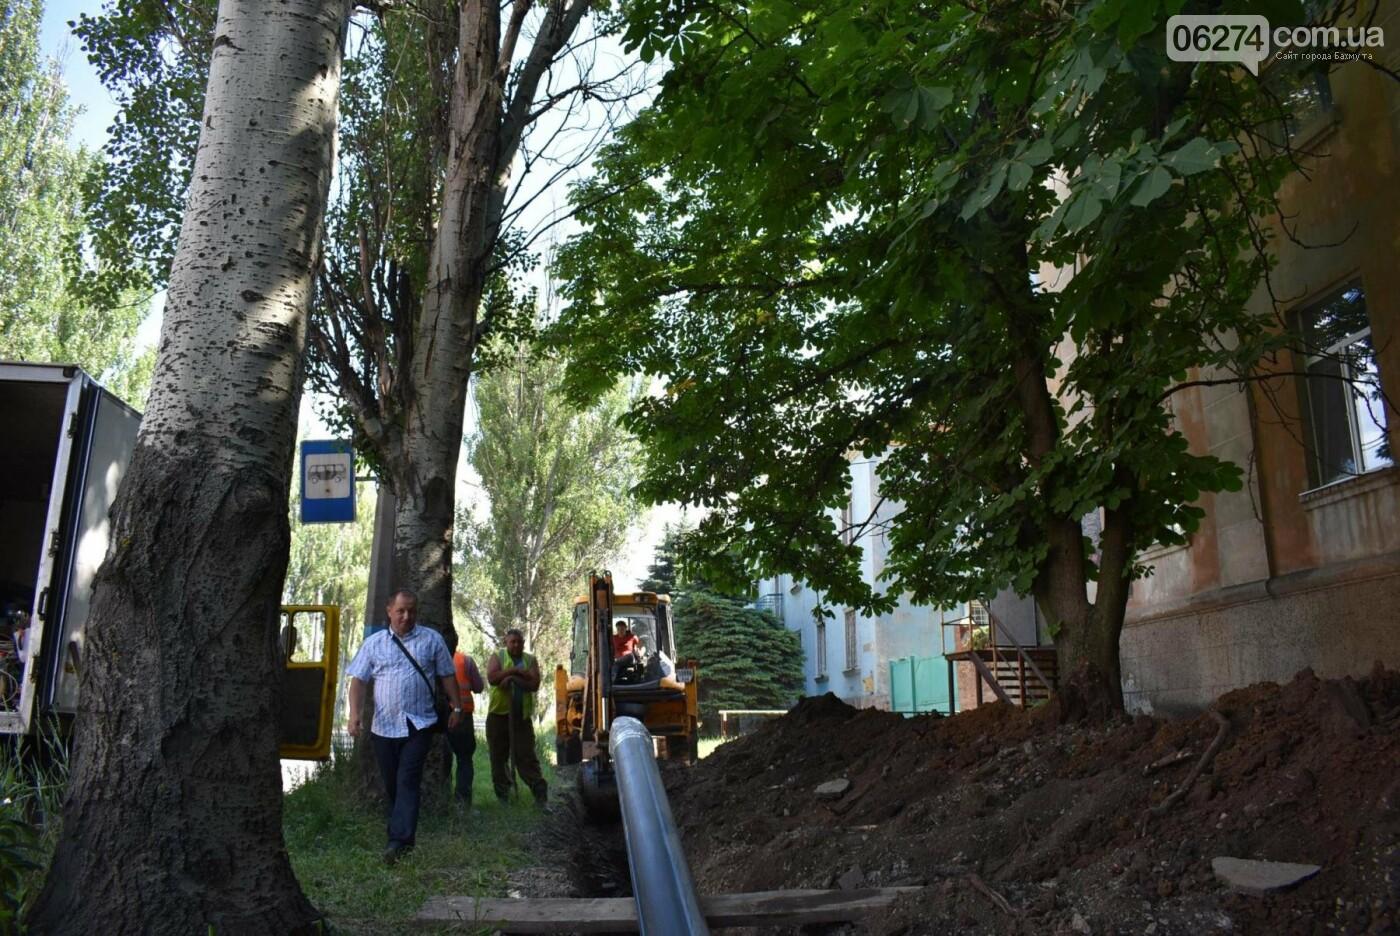 В Бахмуте продолжается реконструкция объектов инфраструктуры, фото-7